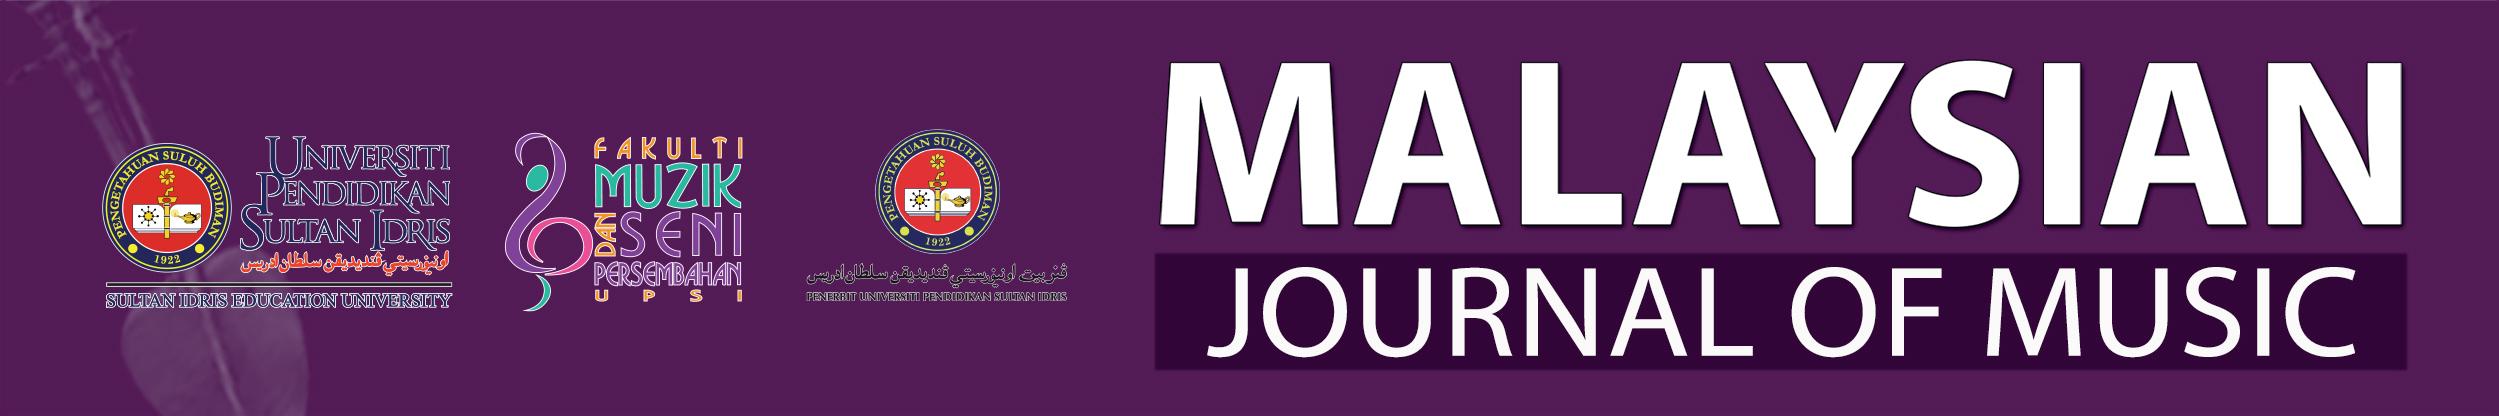 Malaysian Journal of Music, MJM